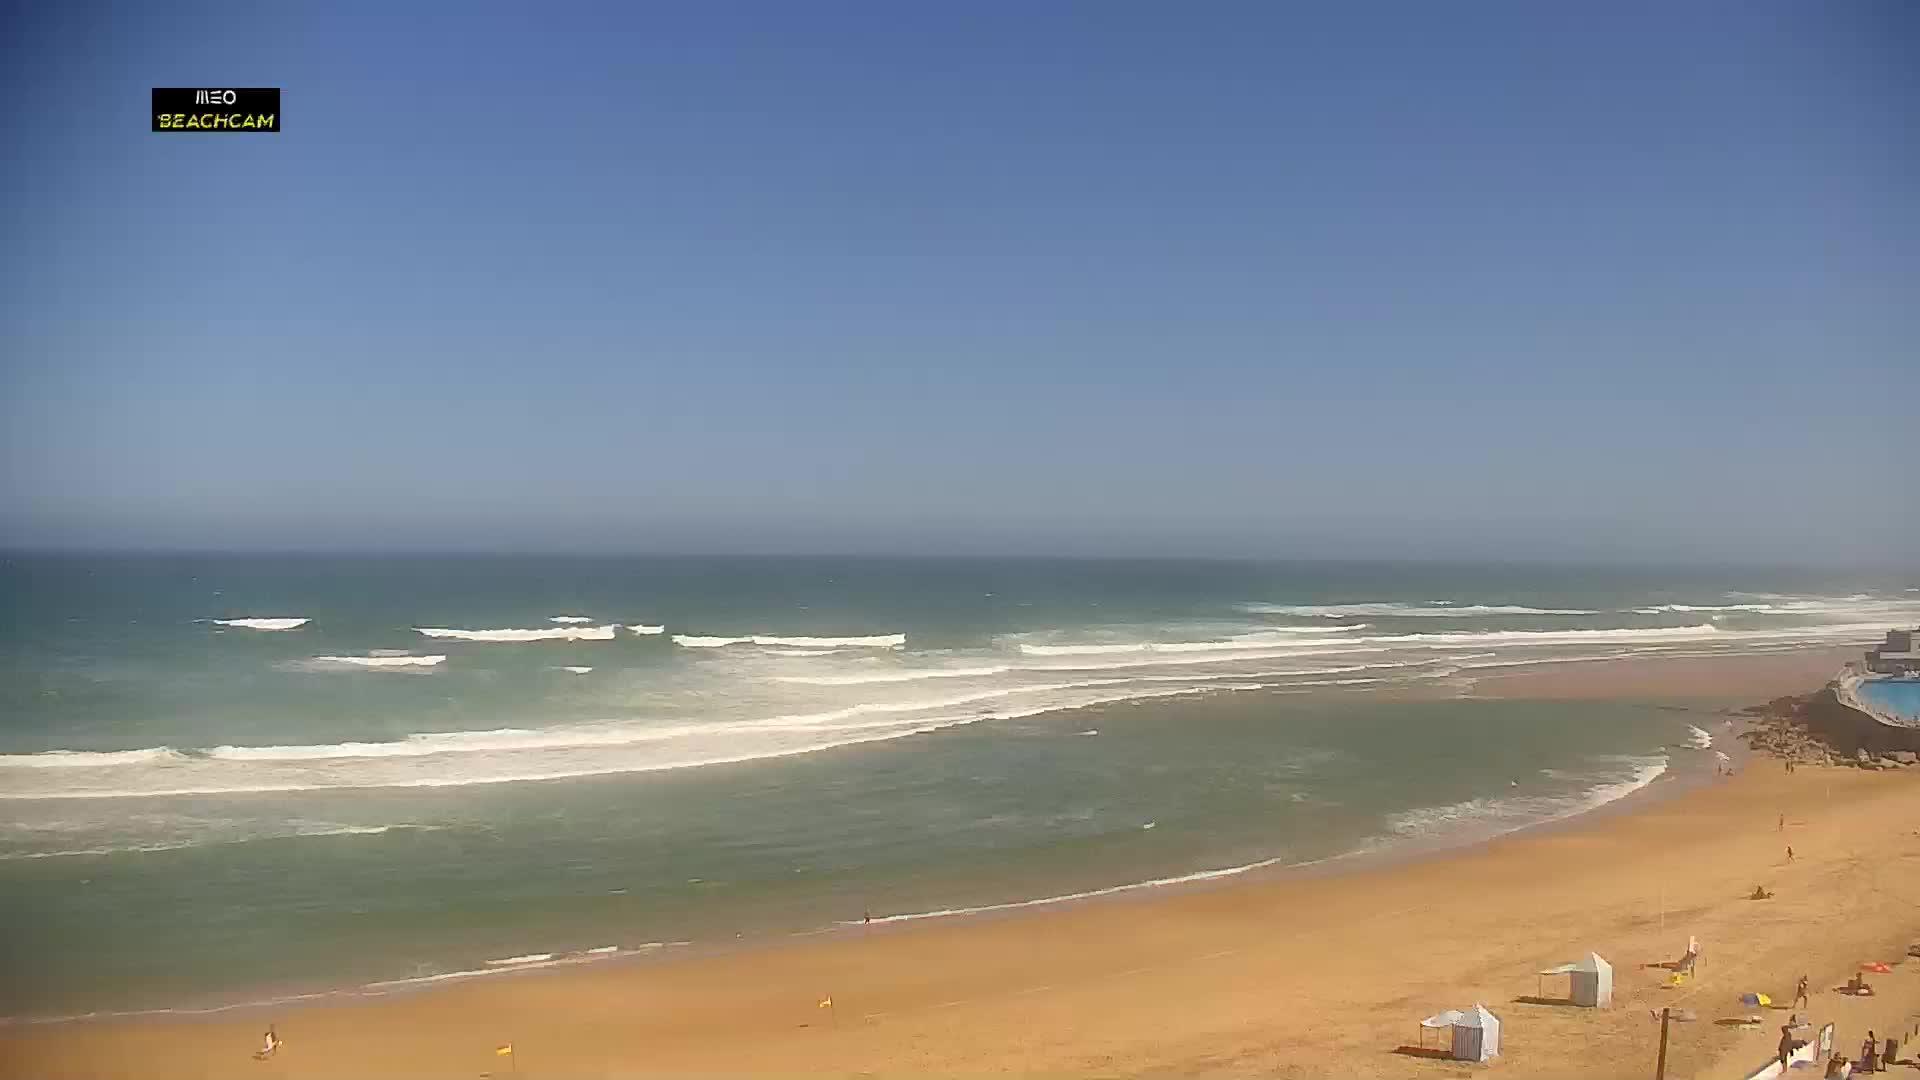 Praia Grande Di. 10:53